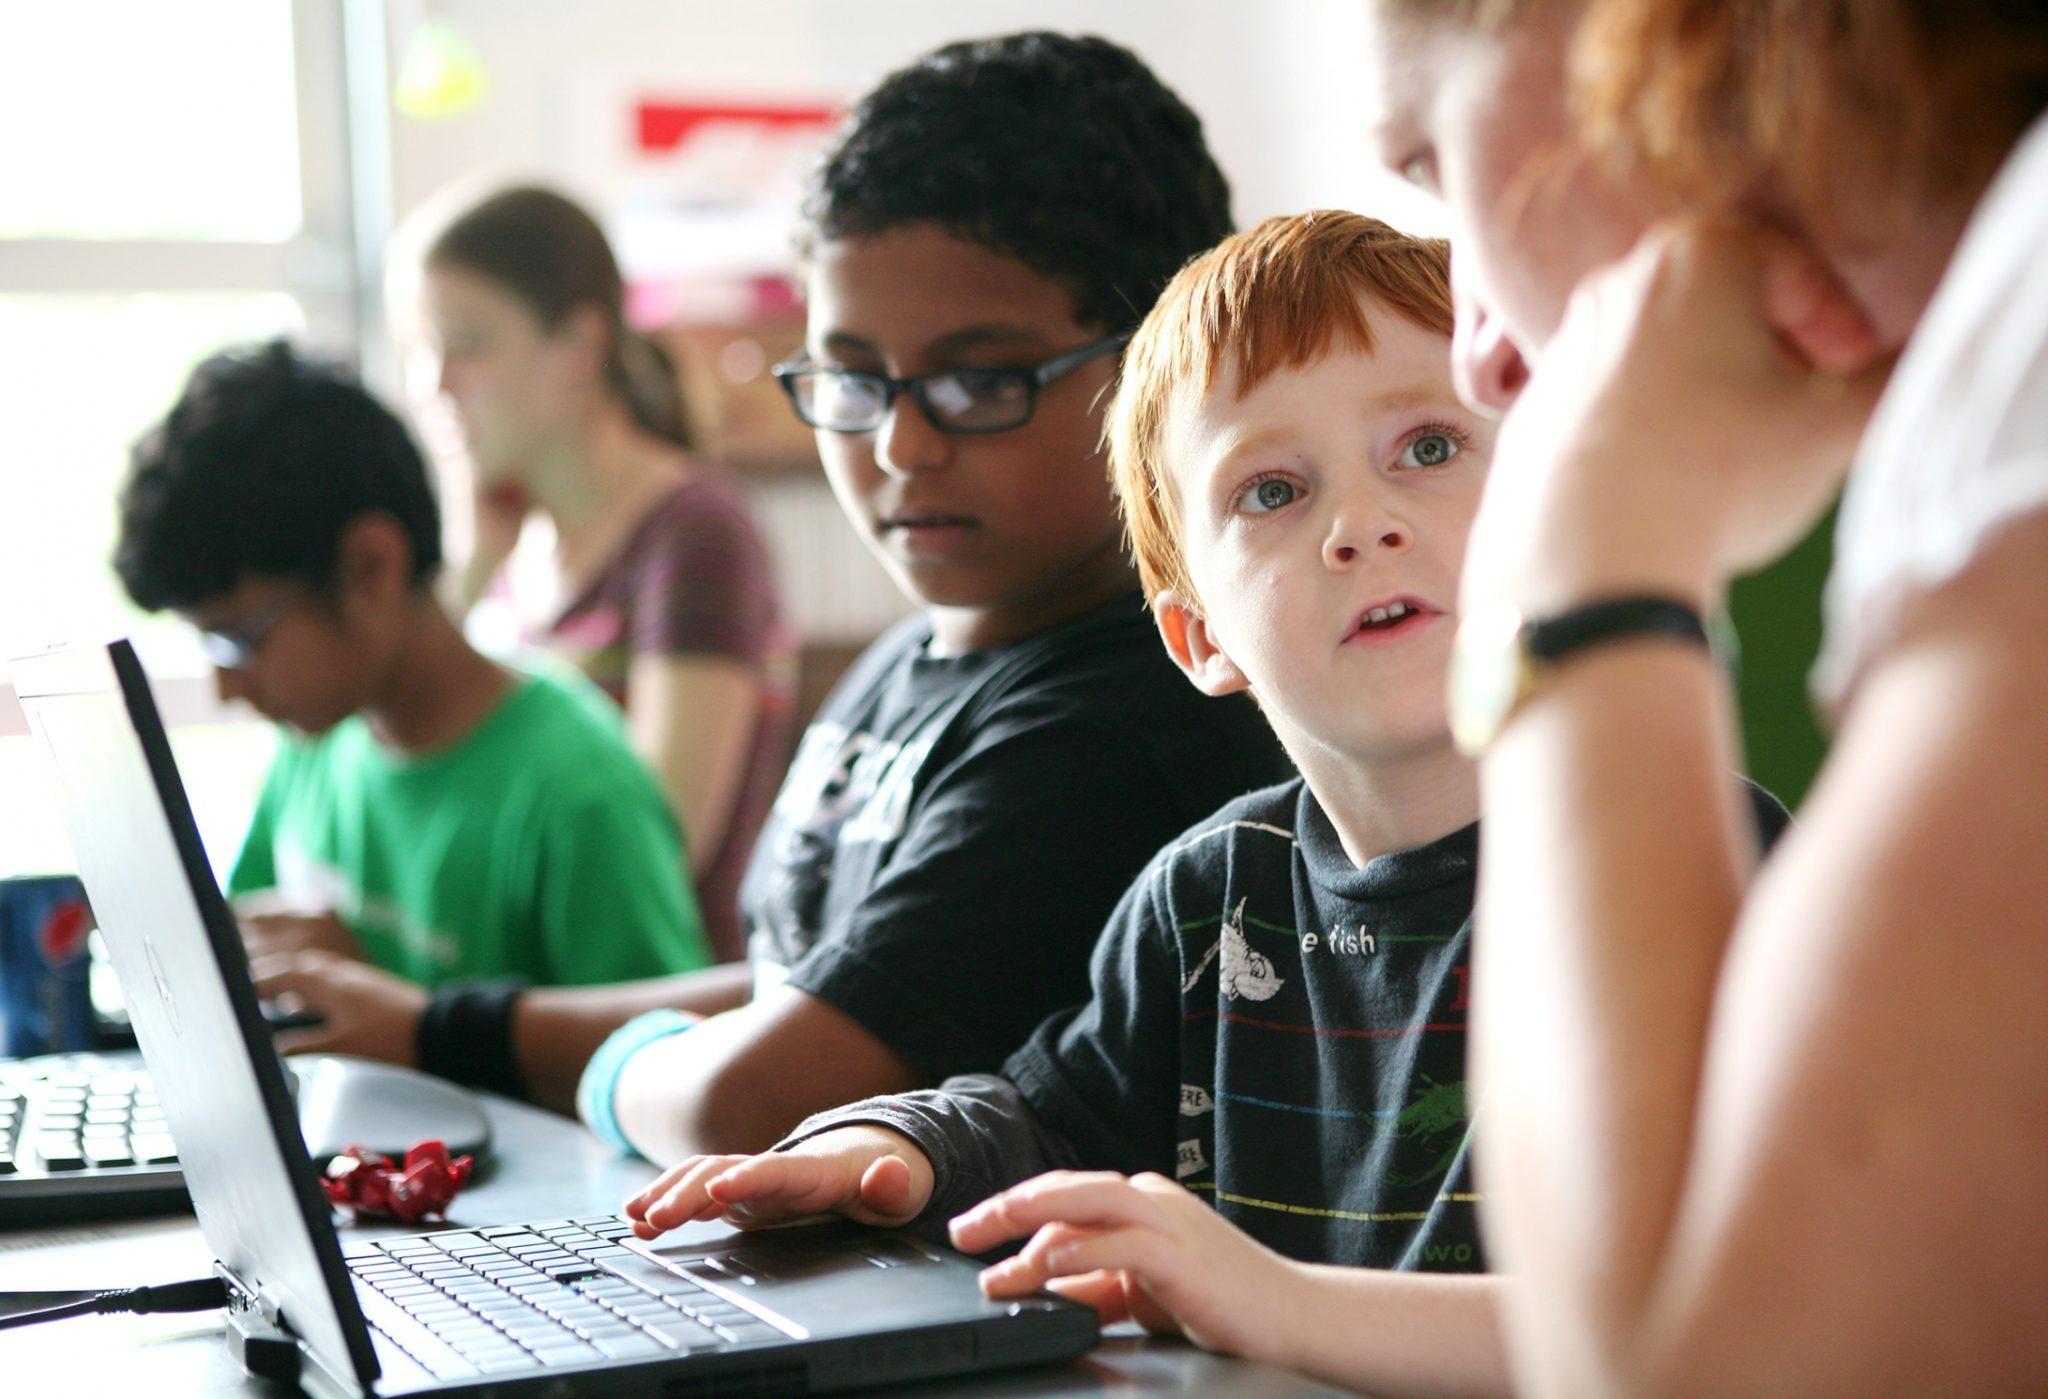 Aplikacionet më të mira për të mësuar fëmijët kodim